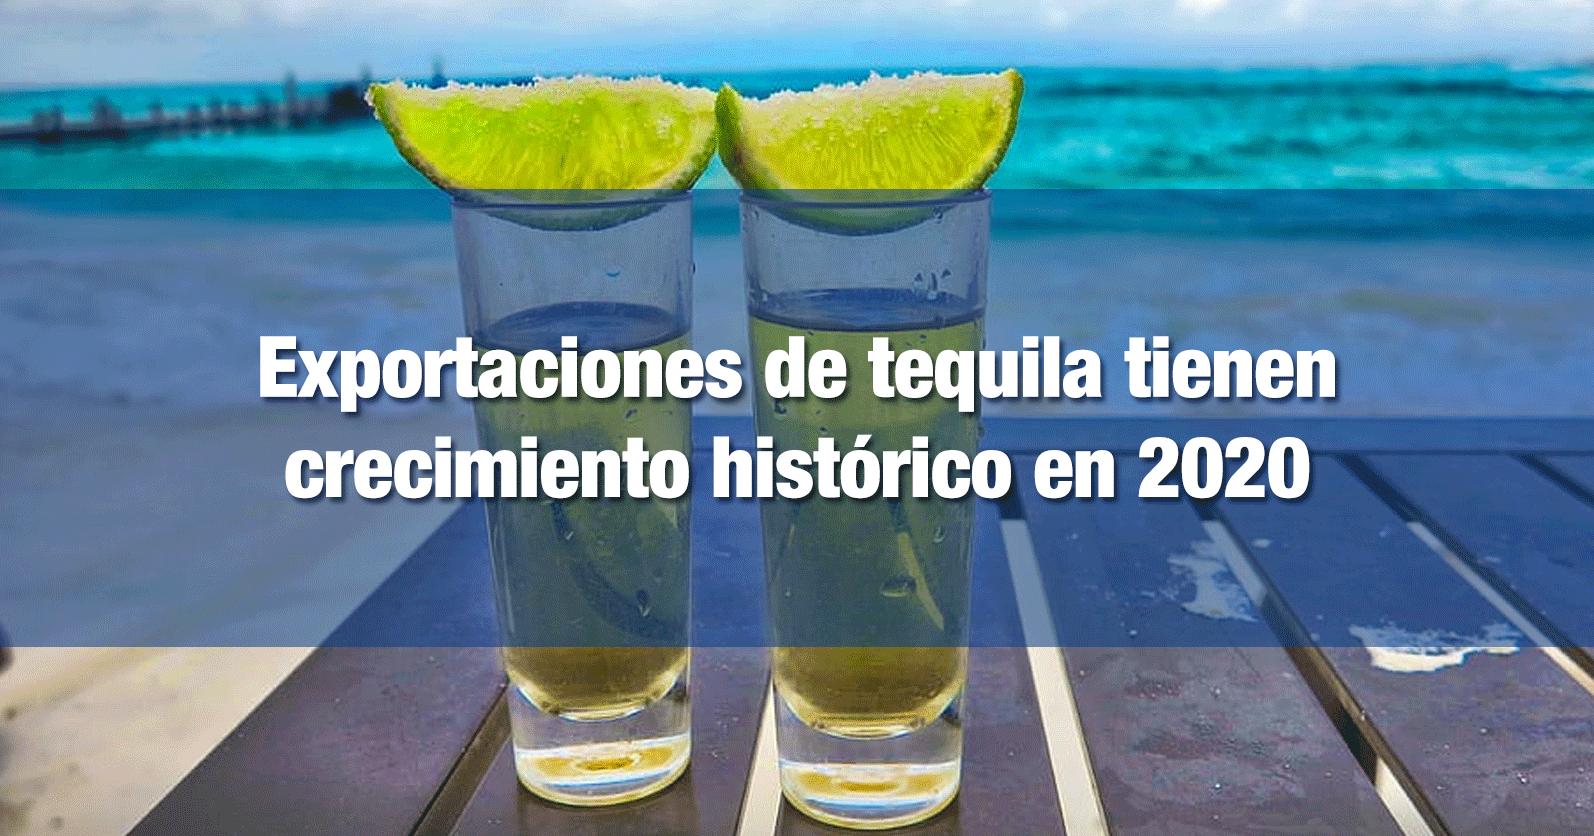 Exportaciones de tequila tienen crecimiento histórico en 2020